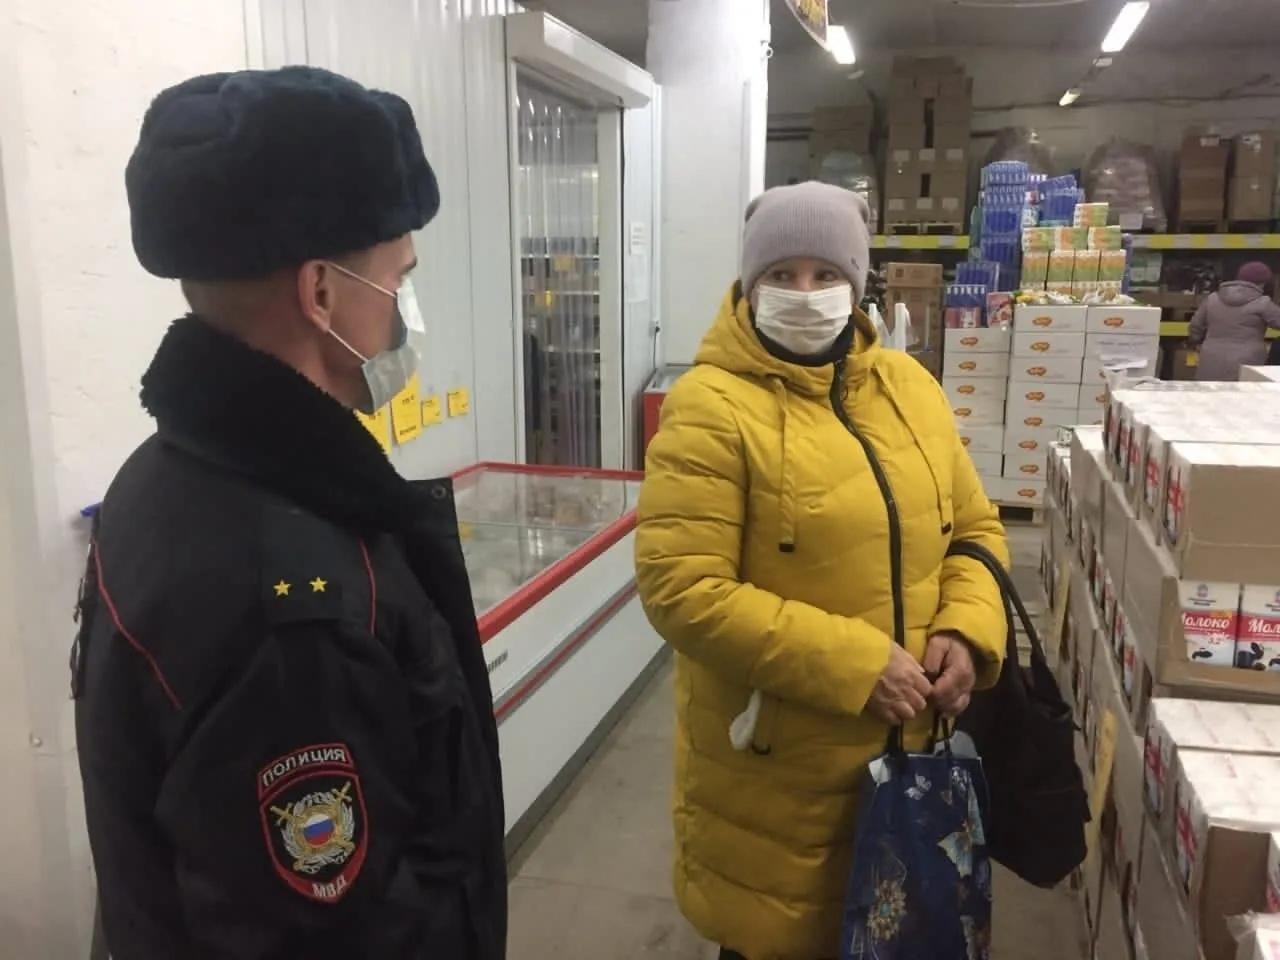 17 ноября сотрудники правоохранительных органов провели очередной рейд и проверили, как петровчане соблюдают противоэпидемические требования